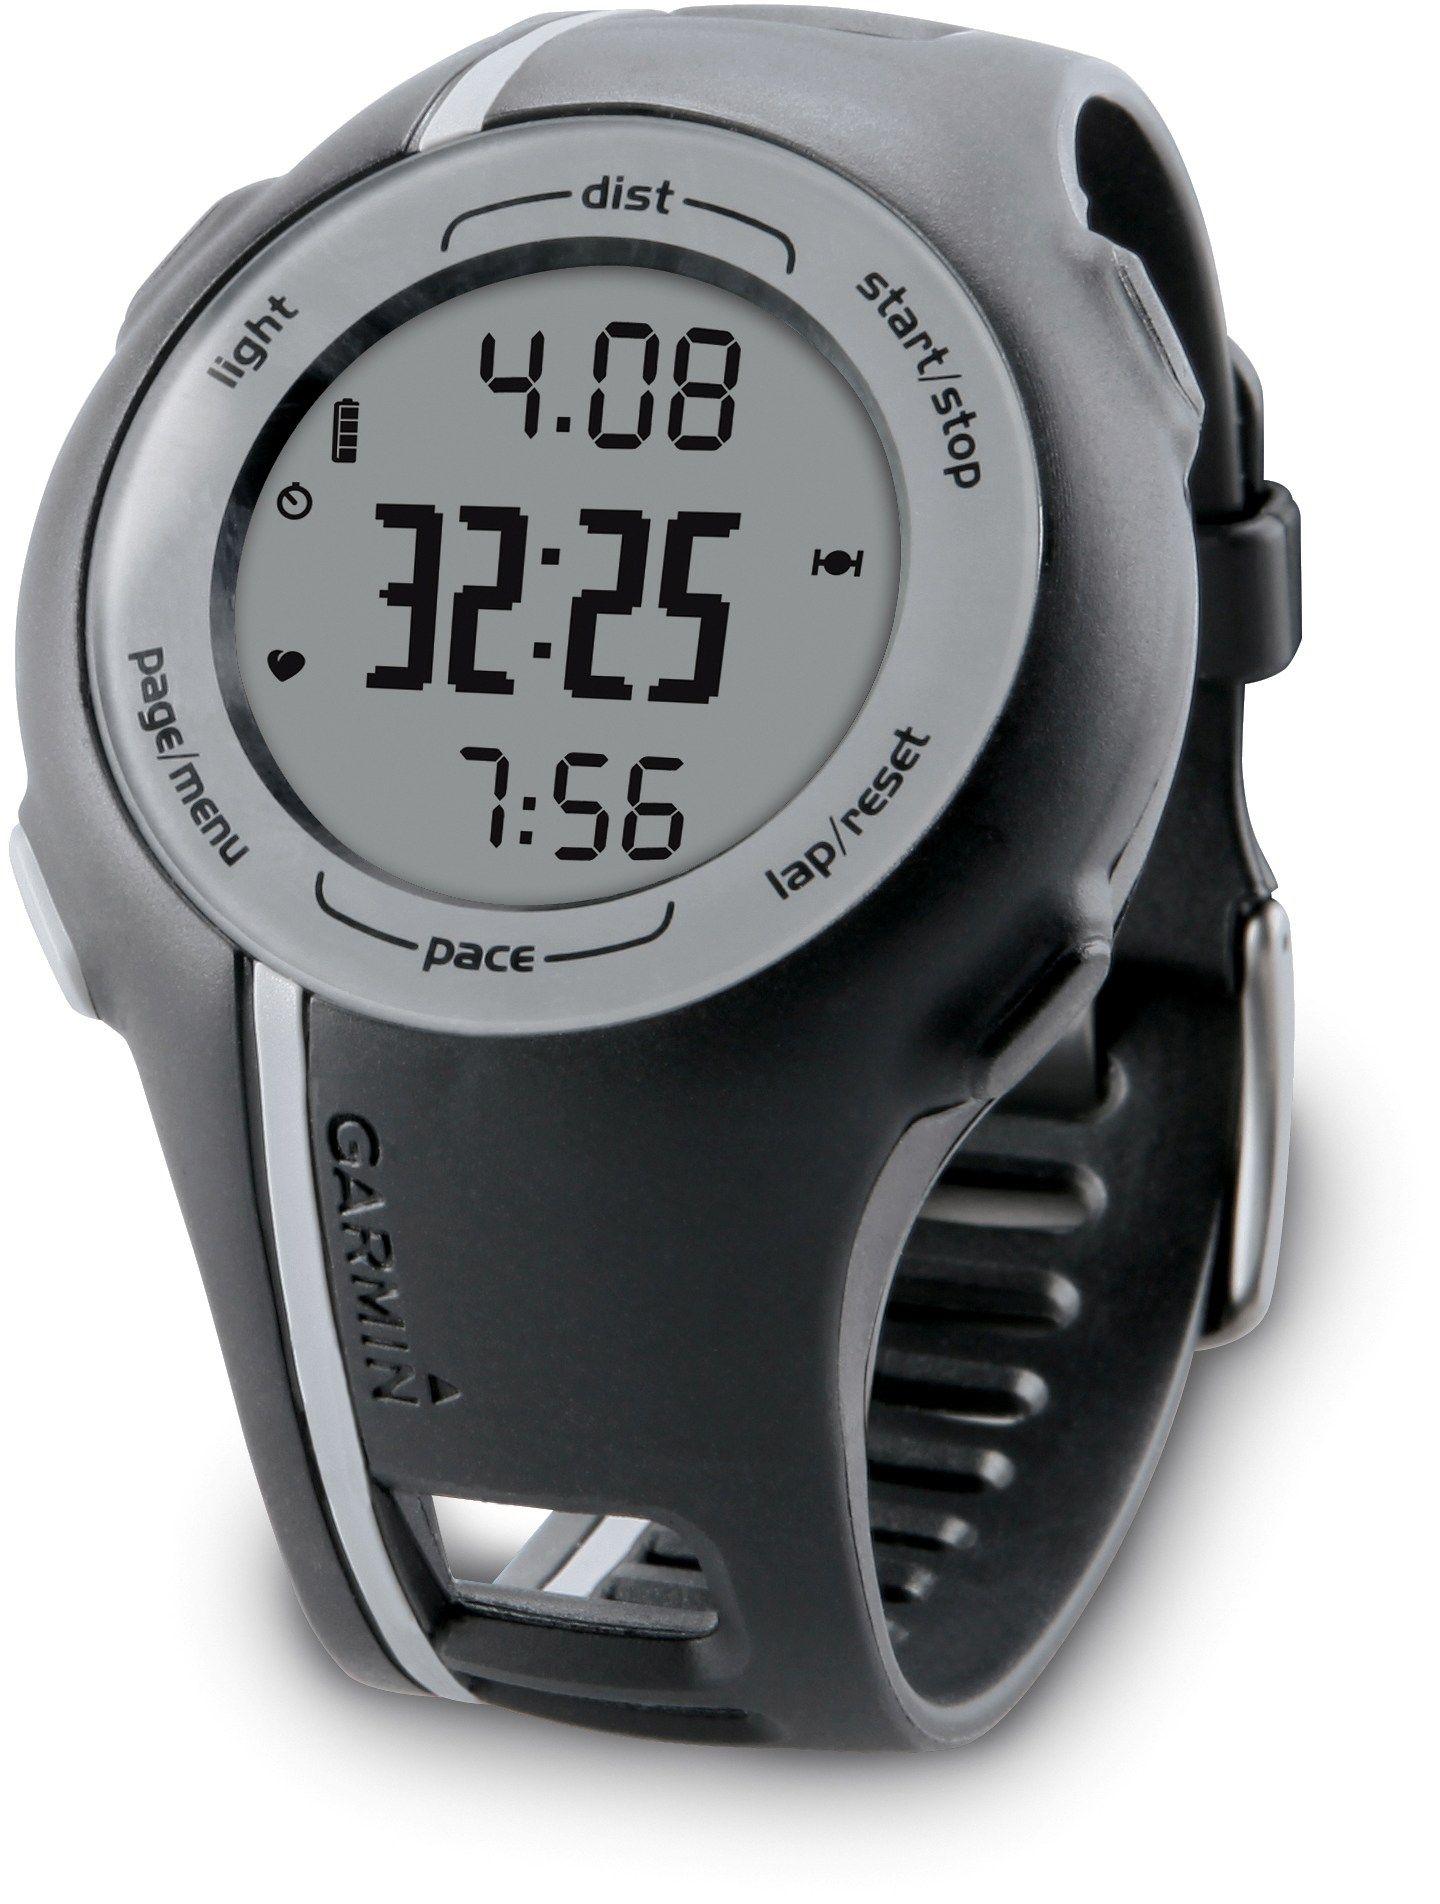 Garmin Forerunner 110 GPS Fitness Monitor Fitness